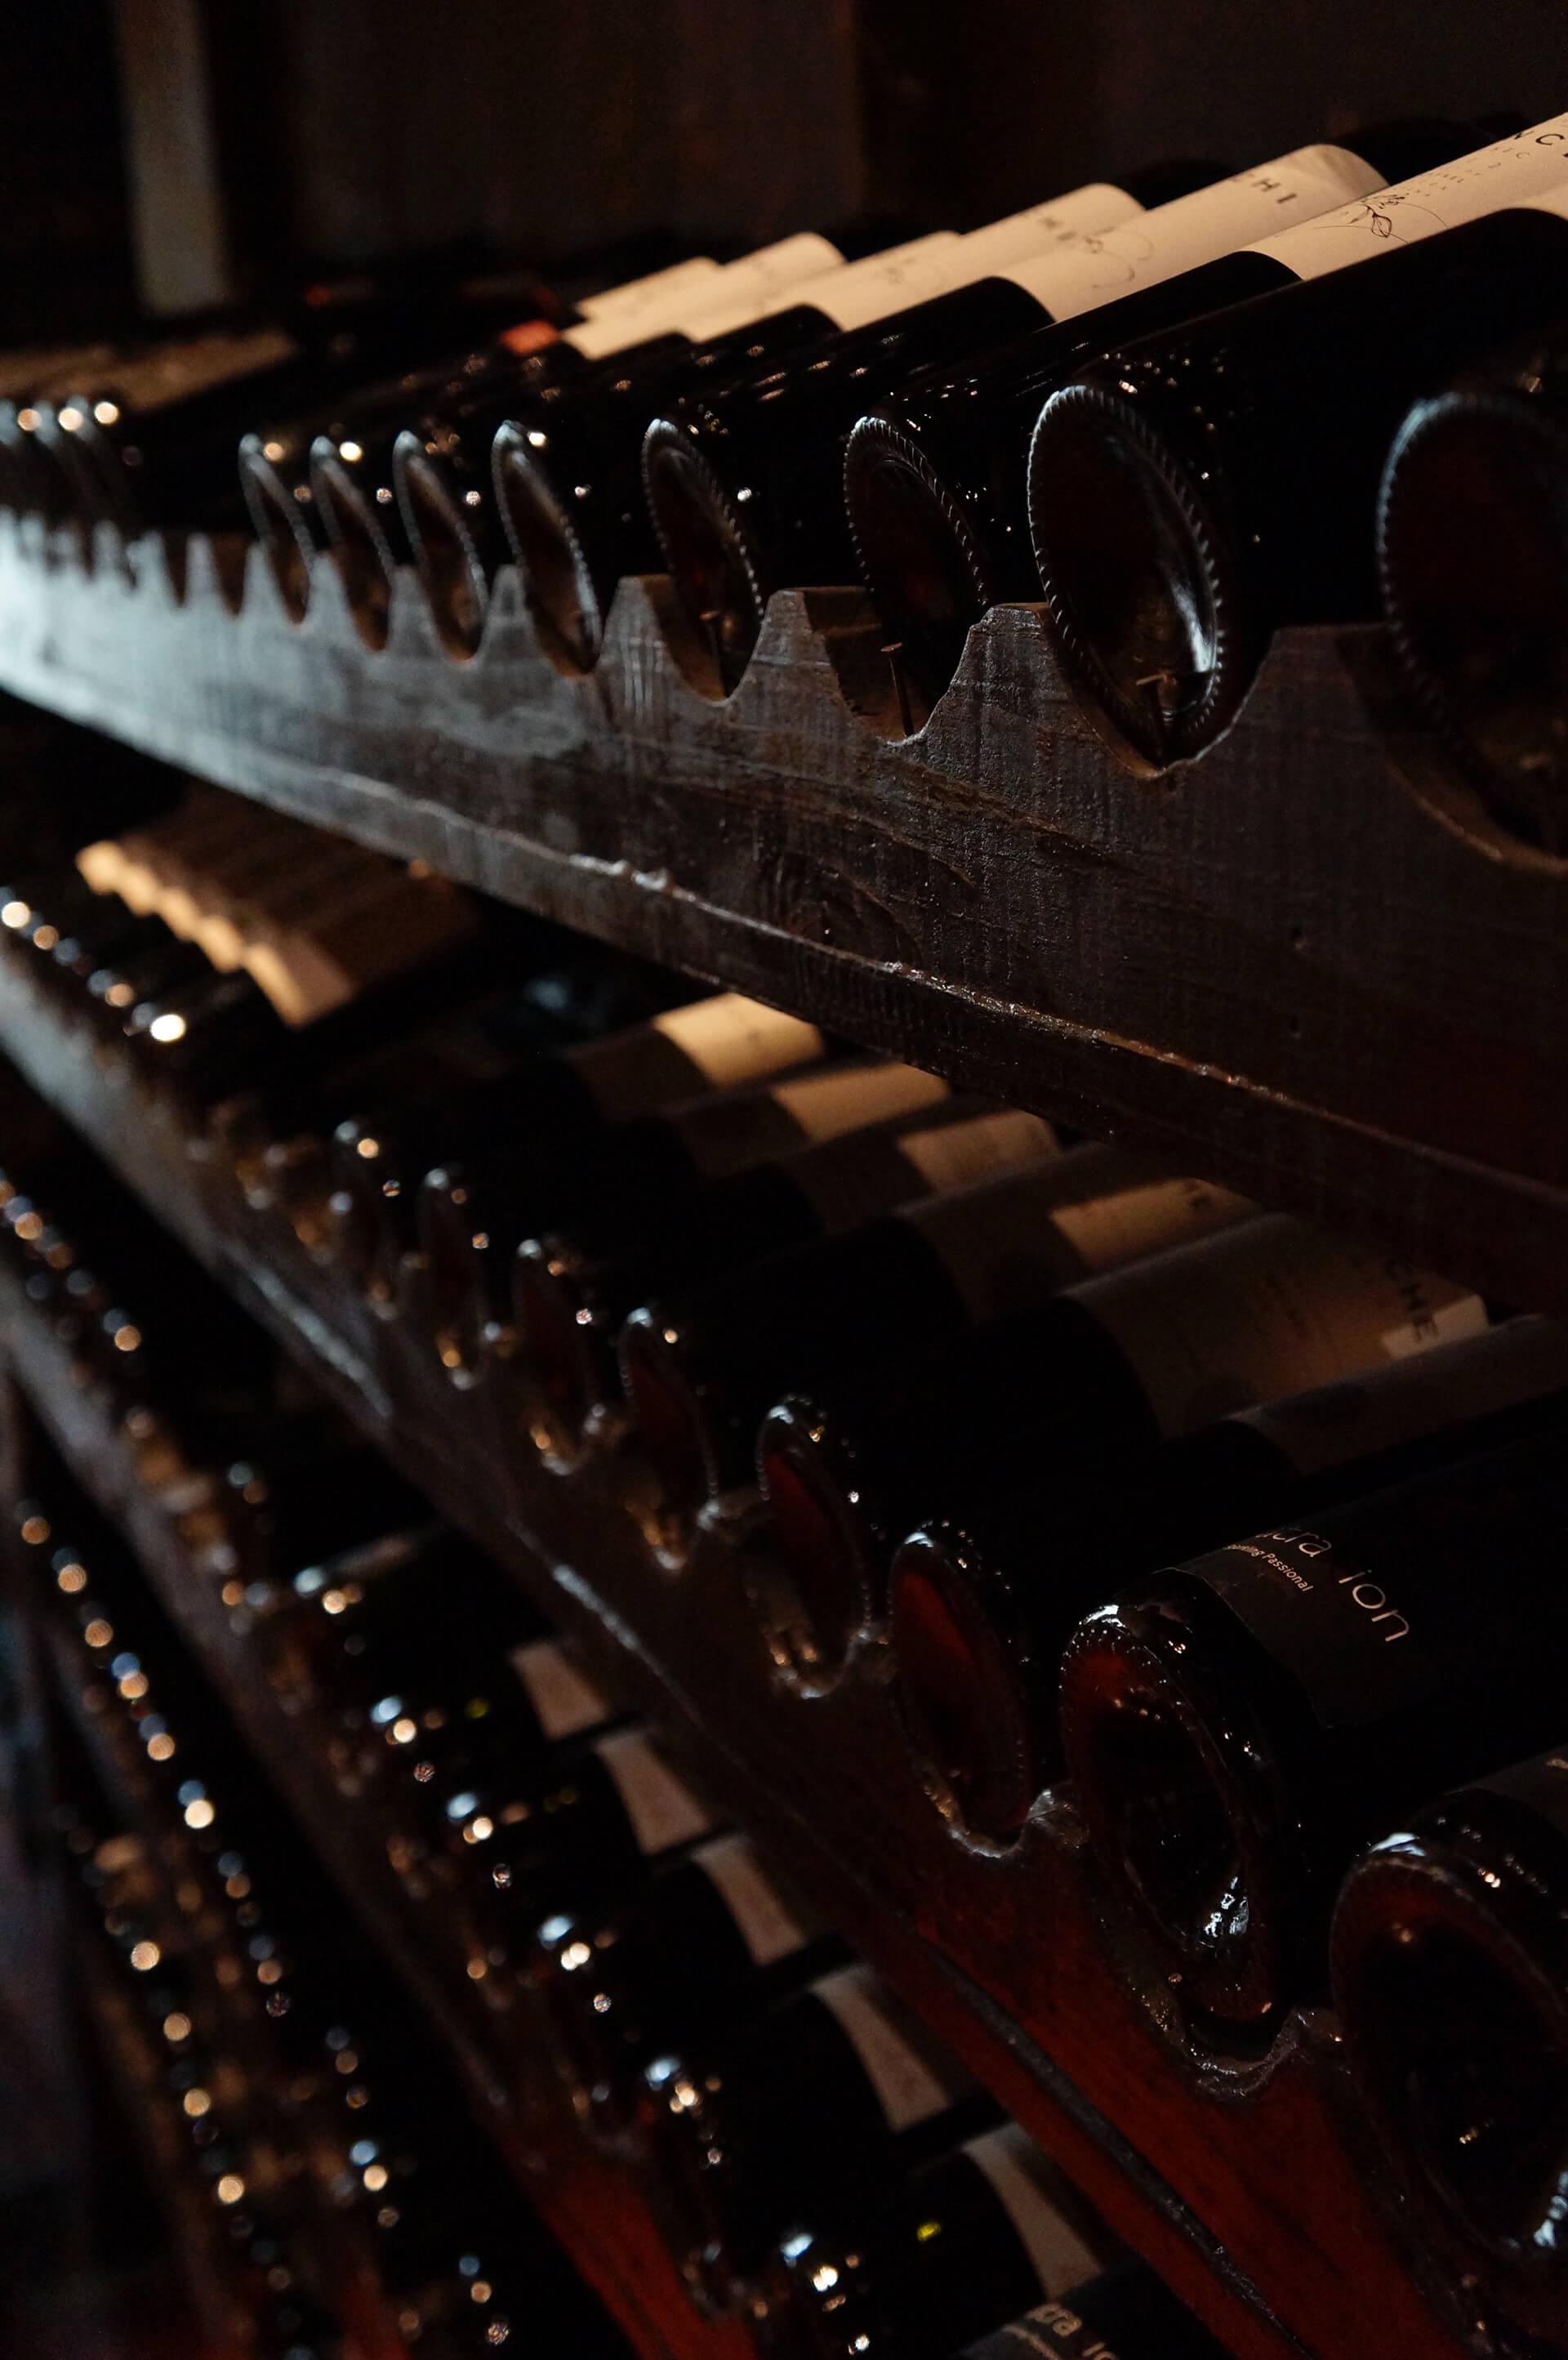 Os especialistas em vinho defendem que haja na adega apenas iluminação suficiente para conseguir ler o rótulo.